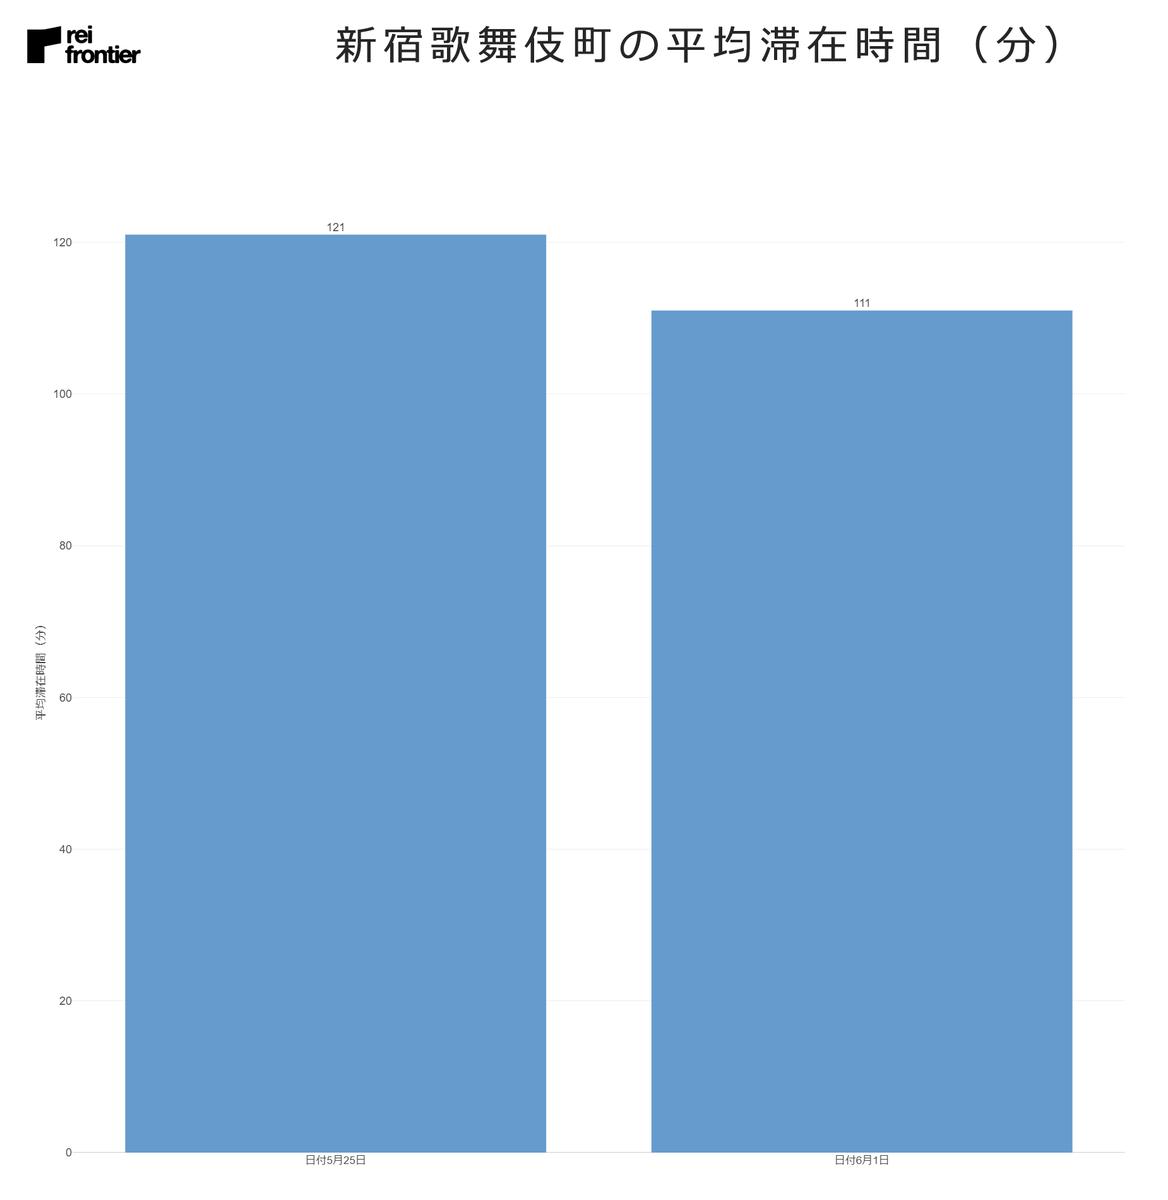 新宿歌舞伎町の平均滞在時間